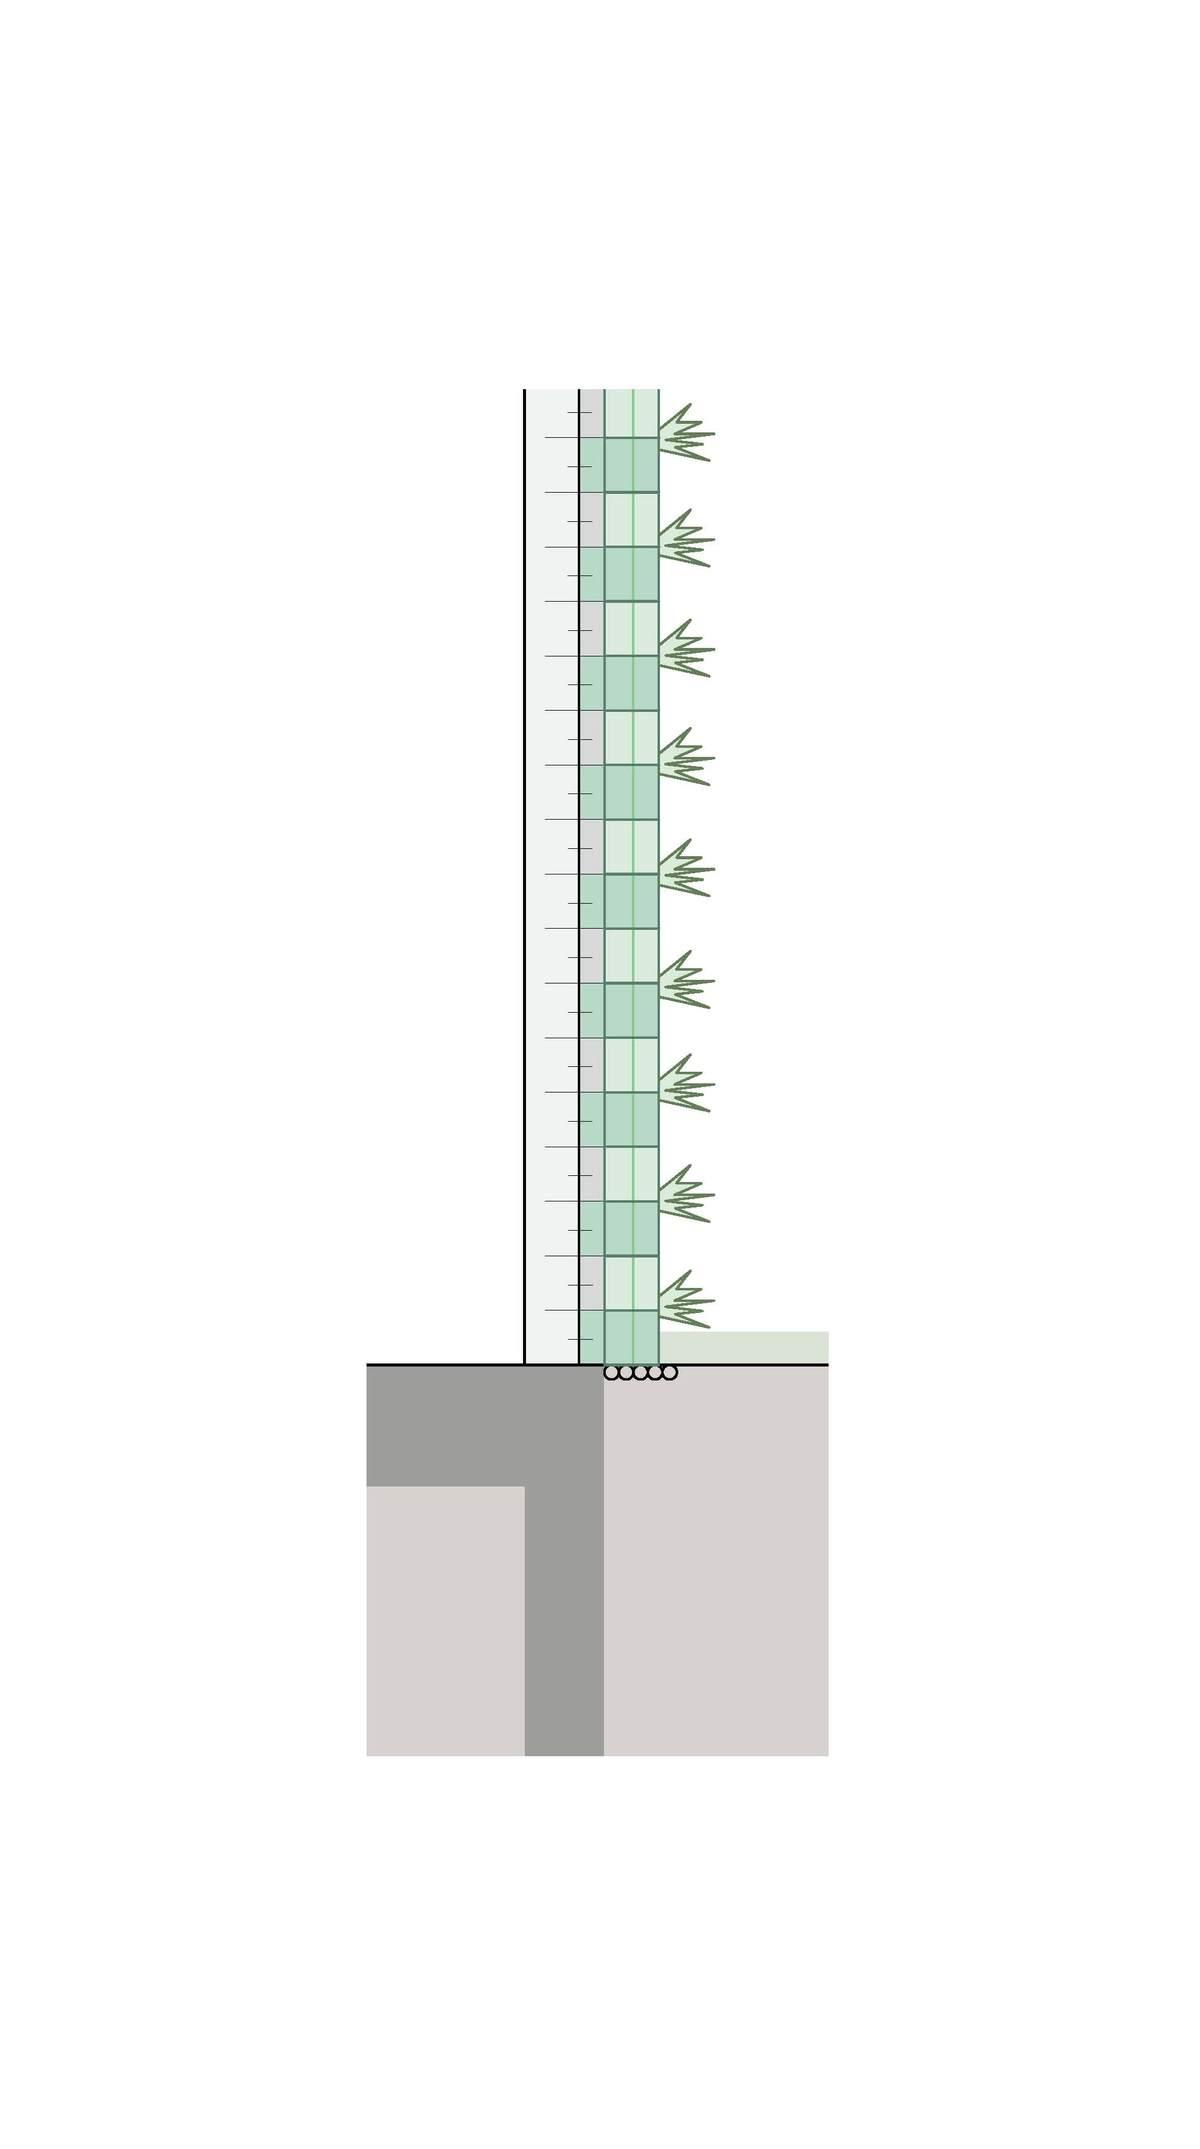 Facade Greening Panels